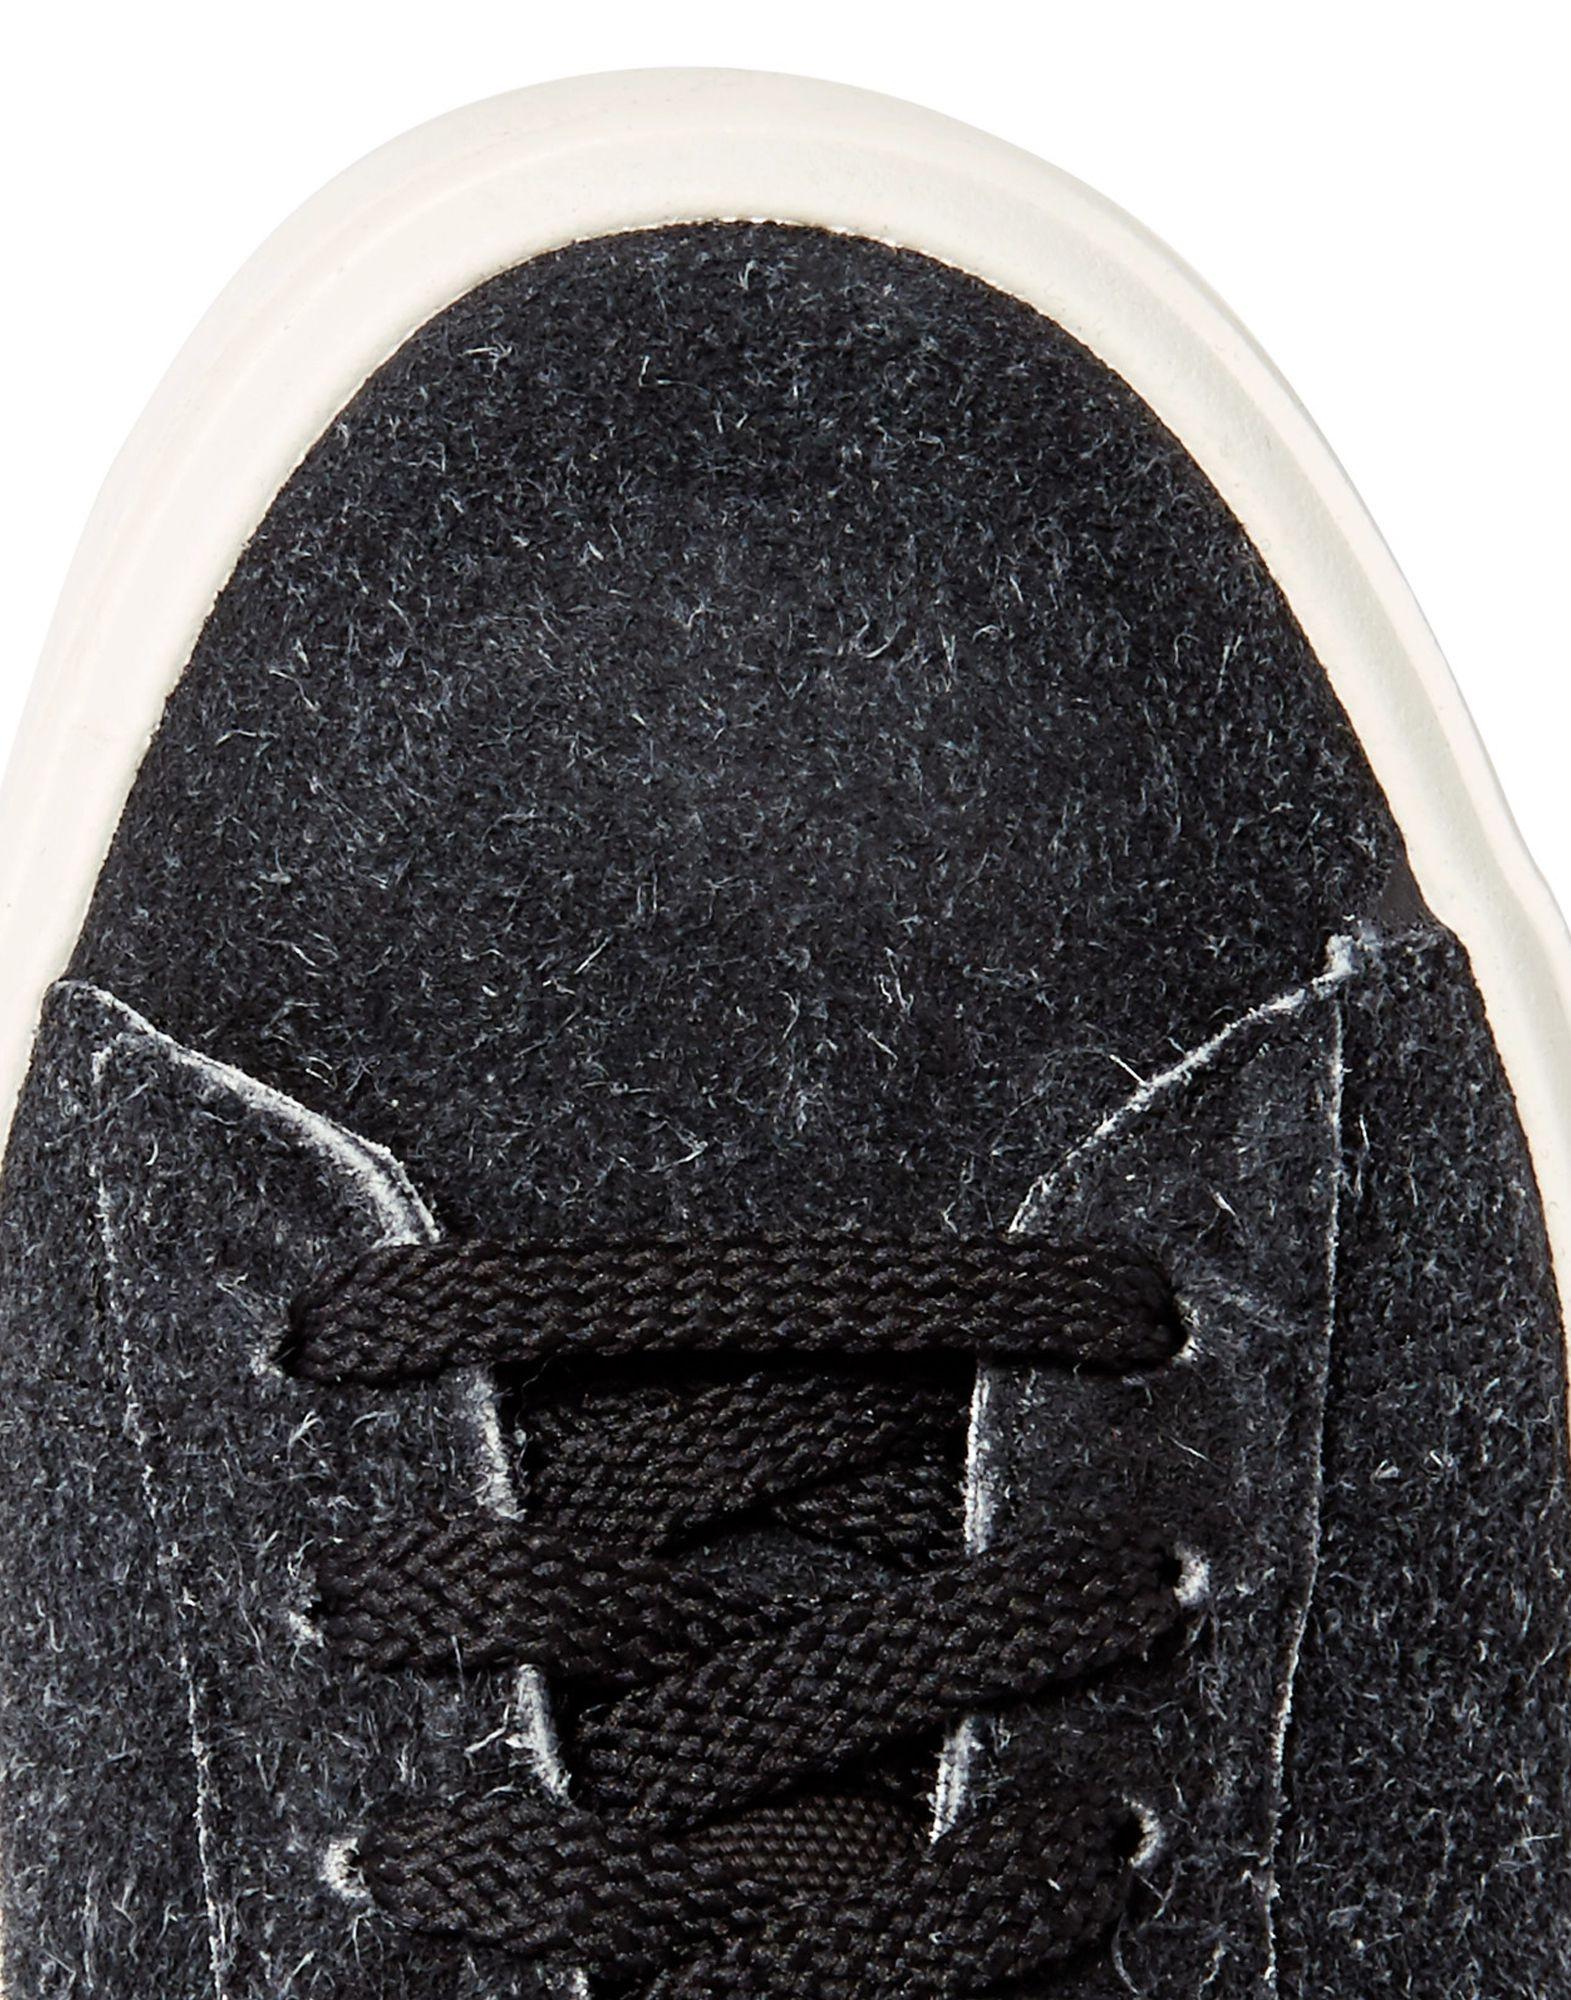 Nike Nike Nike Sneakers Herren Gutes Preis-Leistungs-Verhältnis, es lohnt sich 16efbe